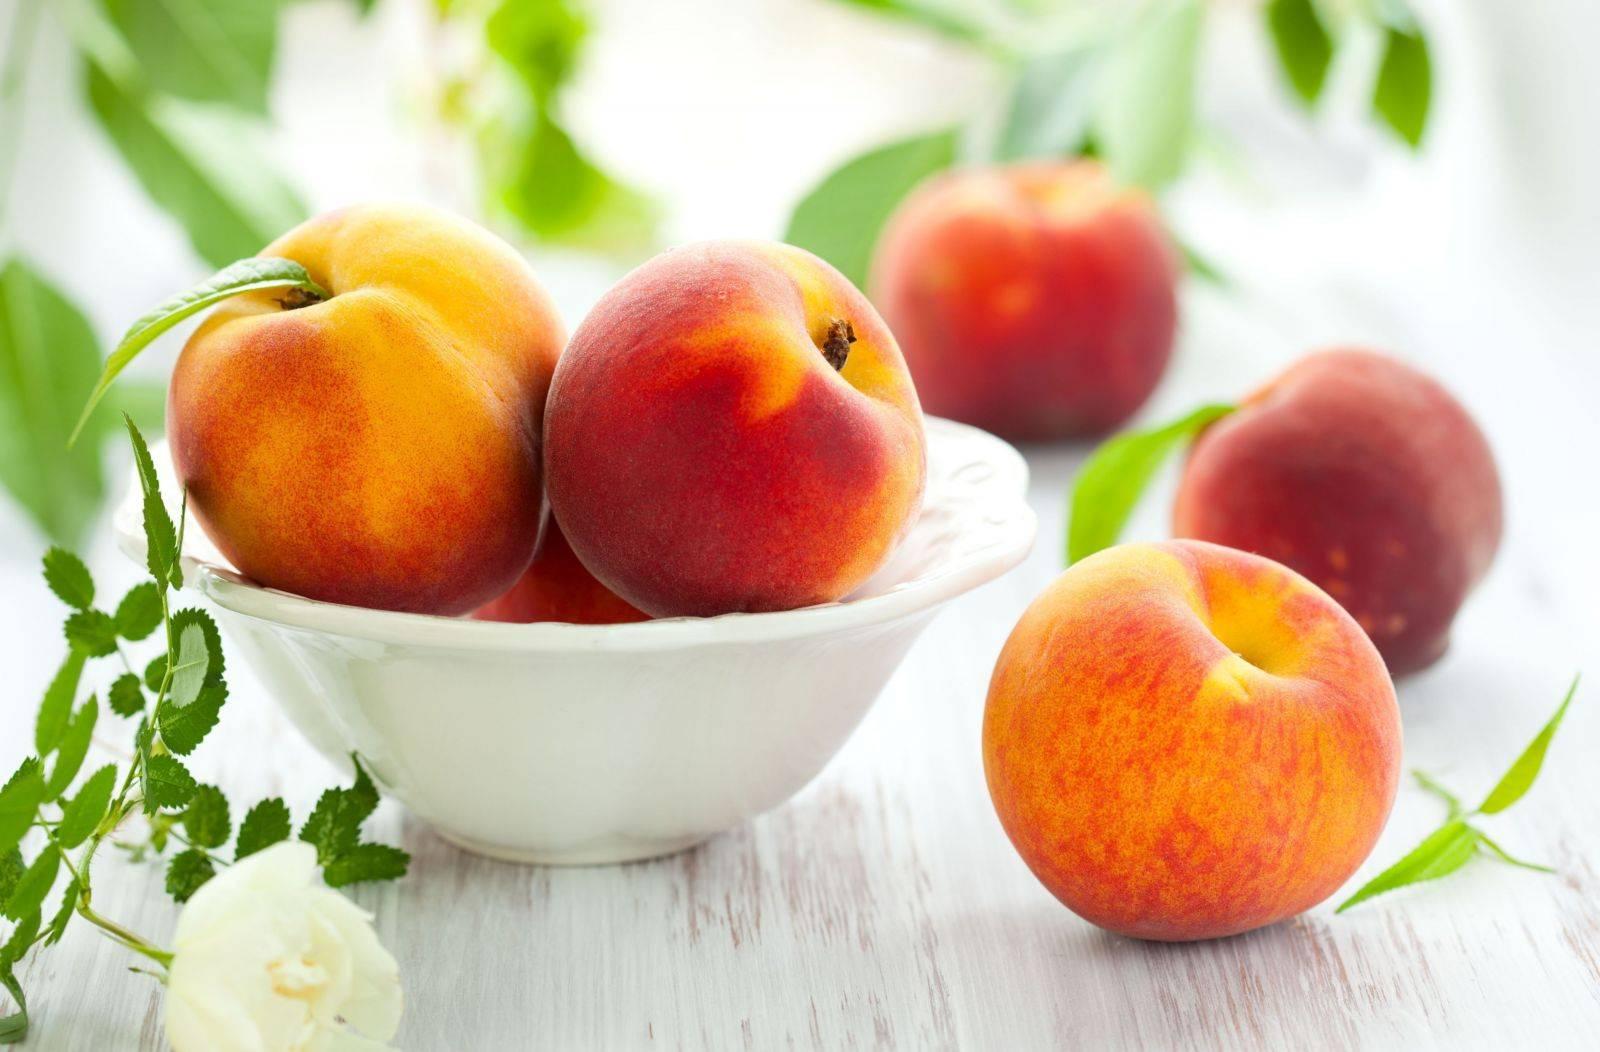 О тле на персике: чем обработать, методы борьбы народными средствами